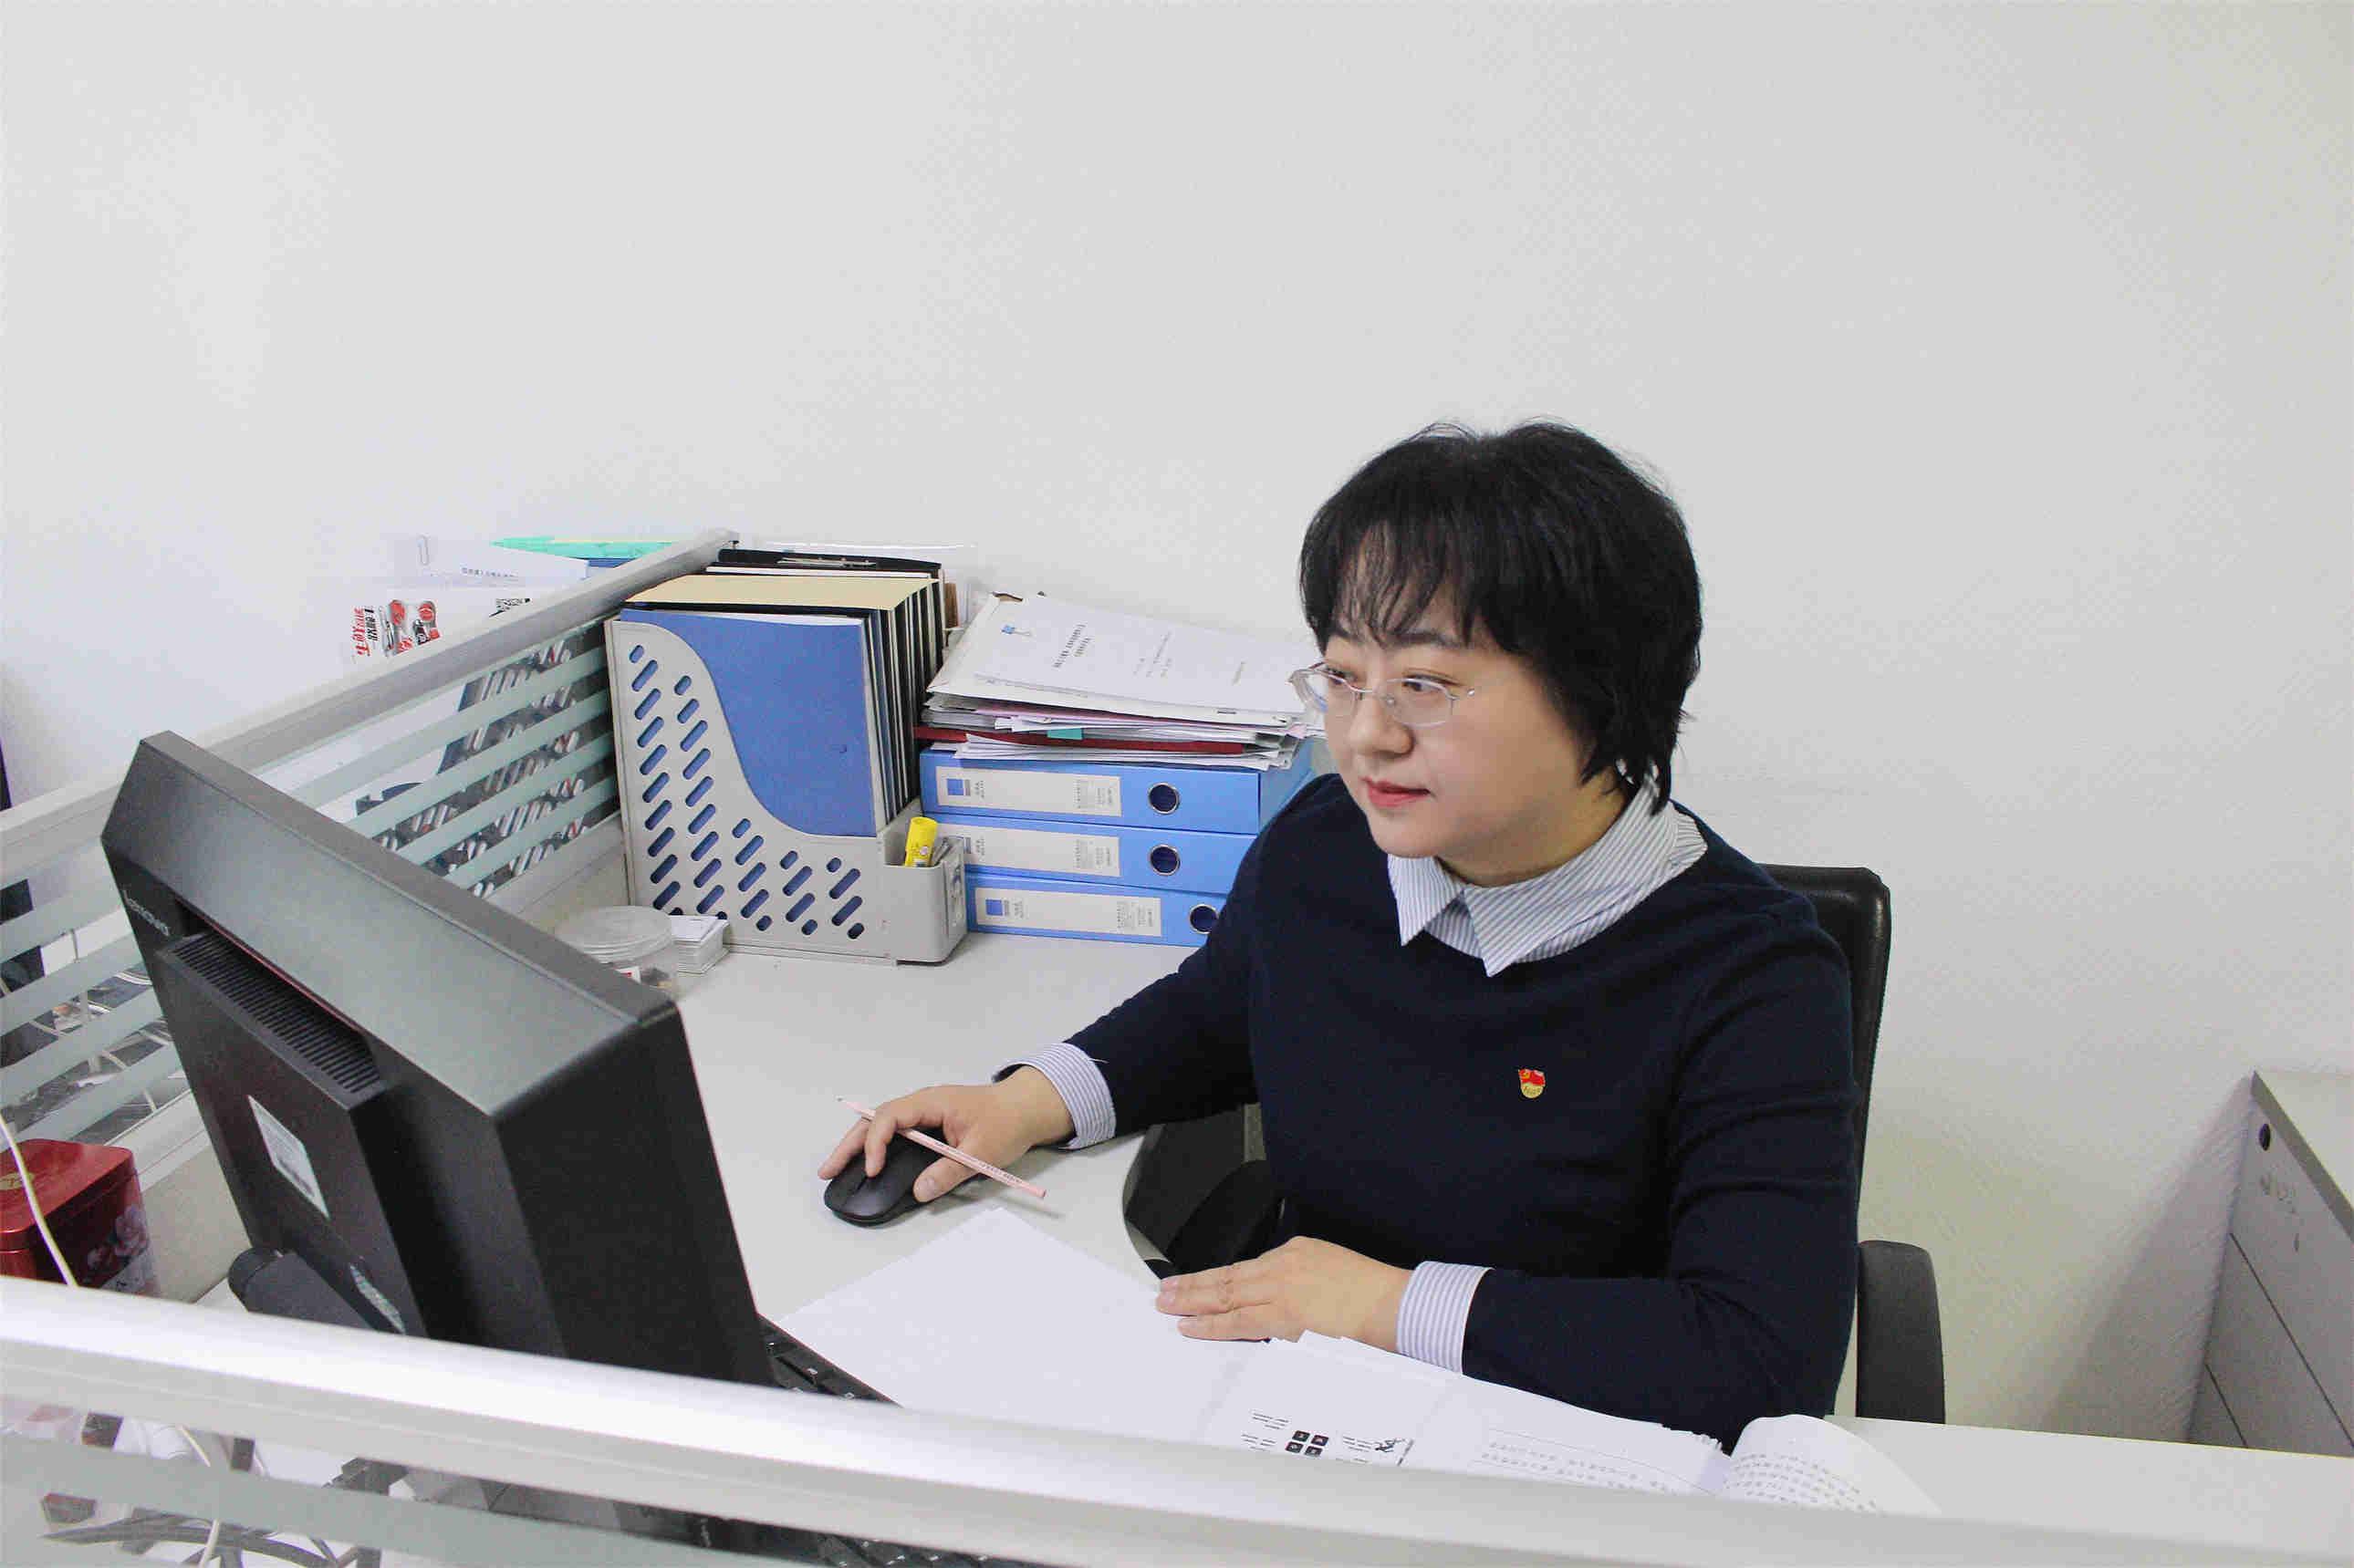 苔花如米小,也学牡丹开 ――记中国人寿寿险山西省分公司优秀党务工作者侯莉